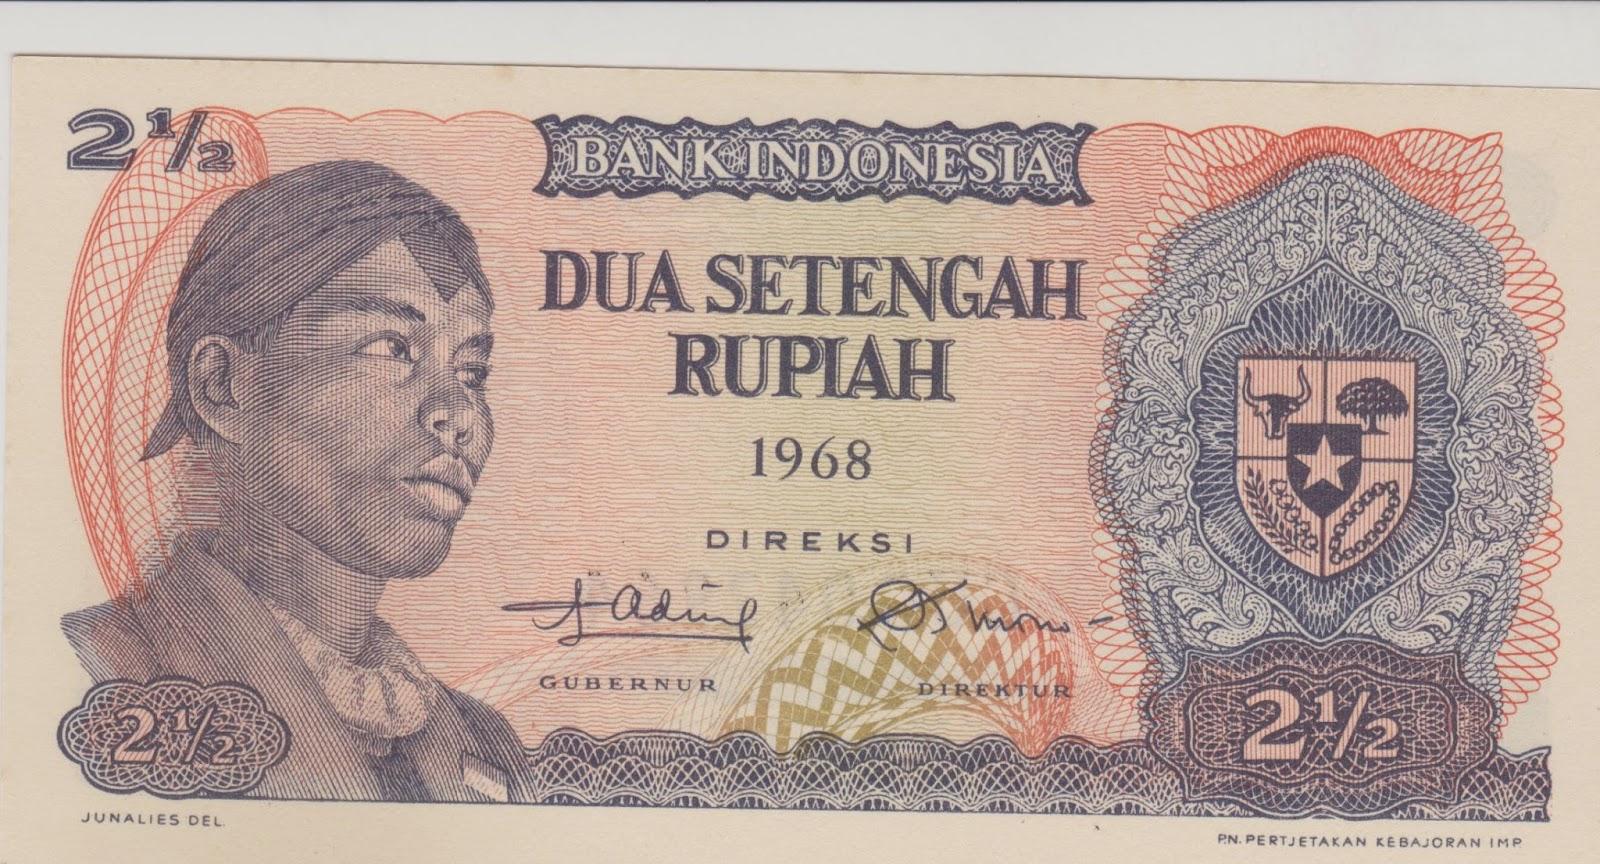 uang kuno Seri Soedirman tahun 1968 Pecahan 2 setengah rupiah